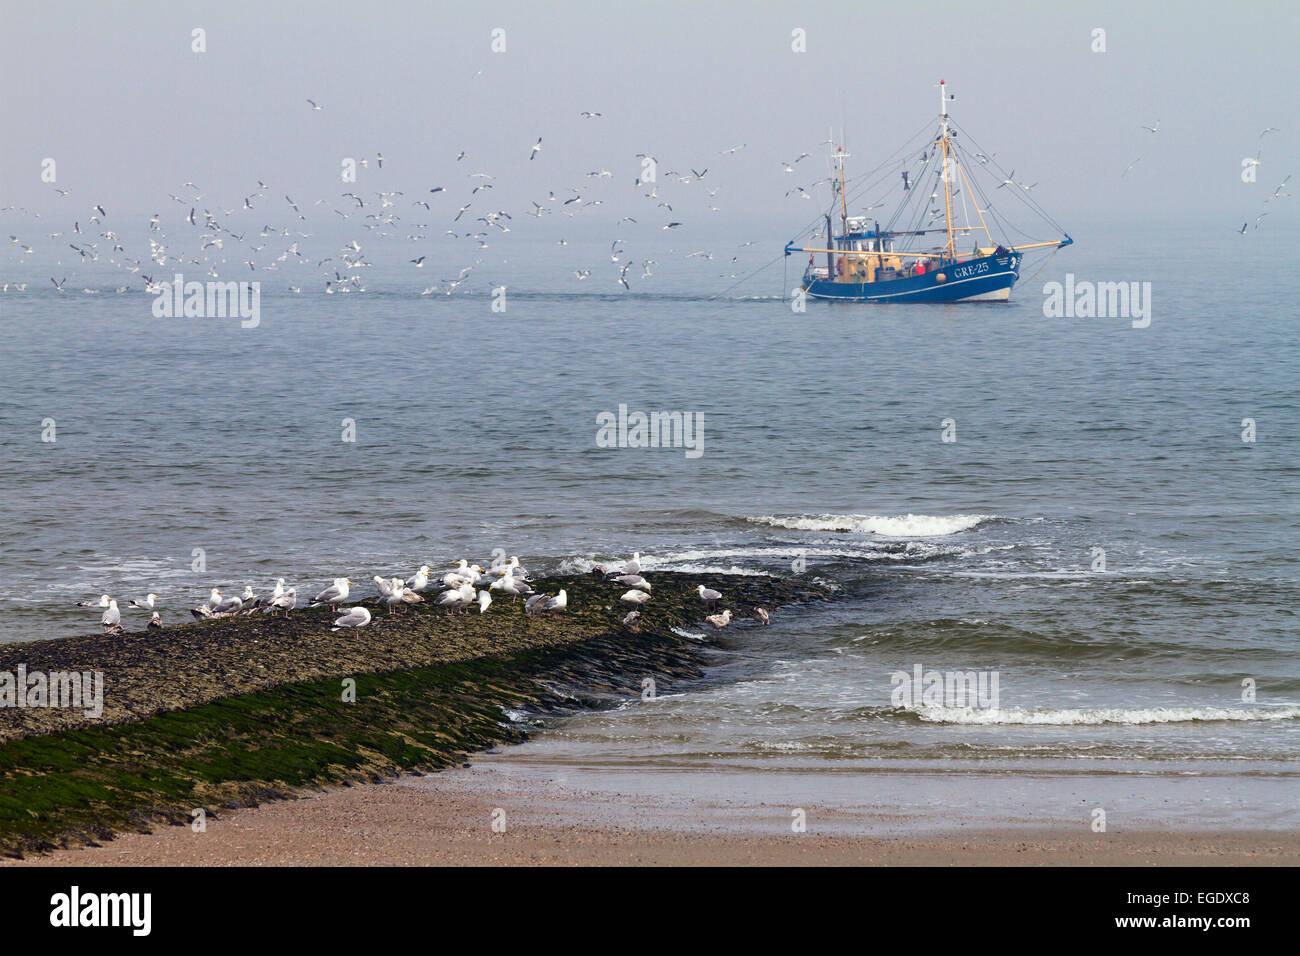 Bateau de pêche avec des goélands de l'île de Norderney off, Nationalpark, Mer du Nord, îles Photo Stock